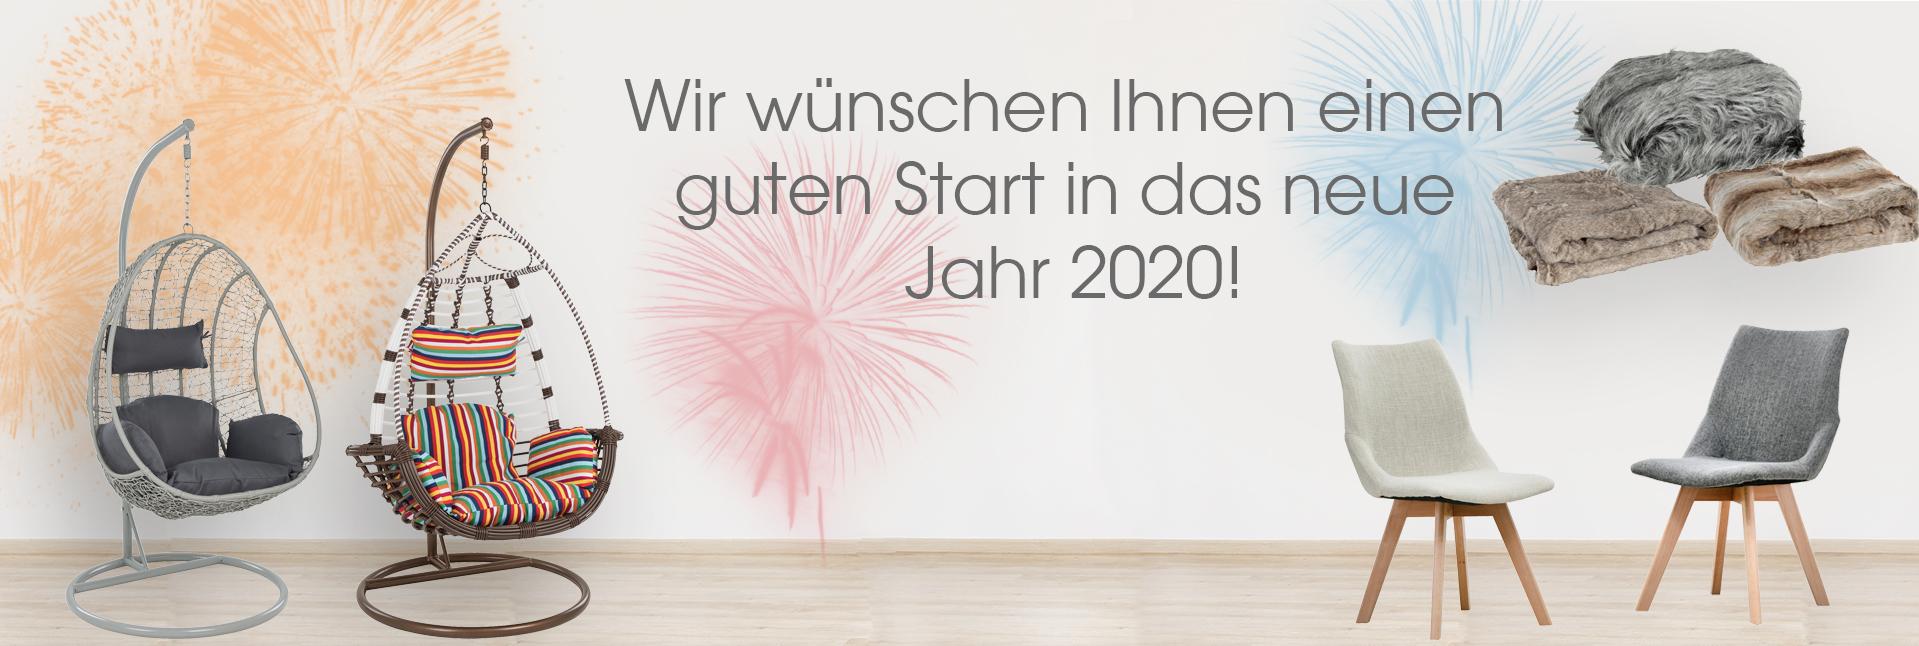 Einen Guten Start für 2020